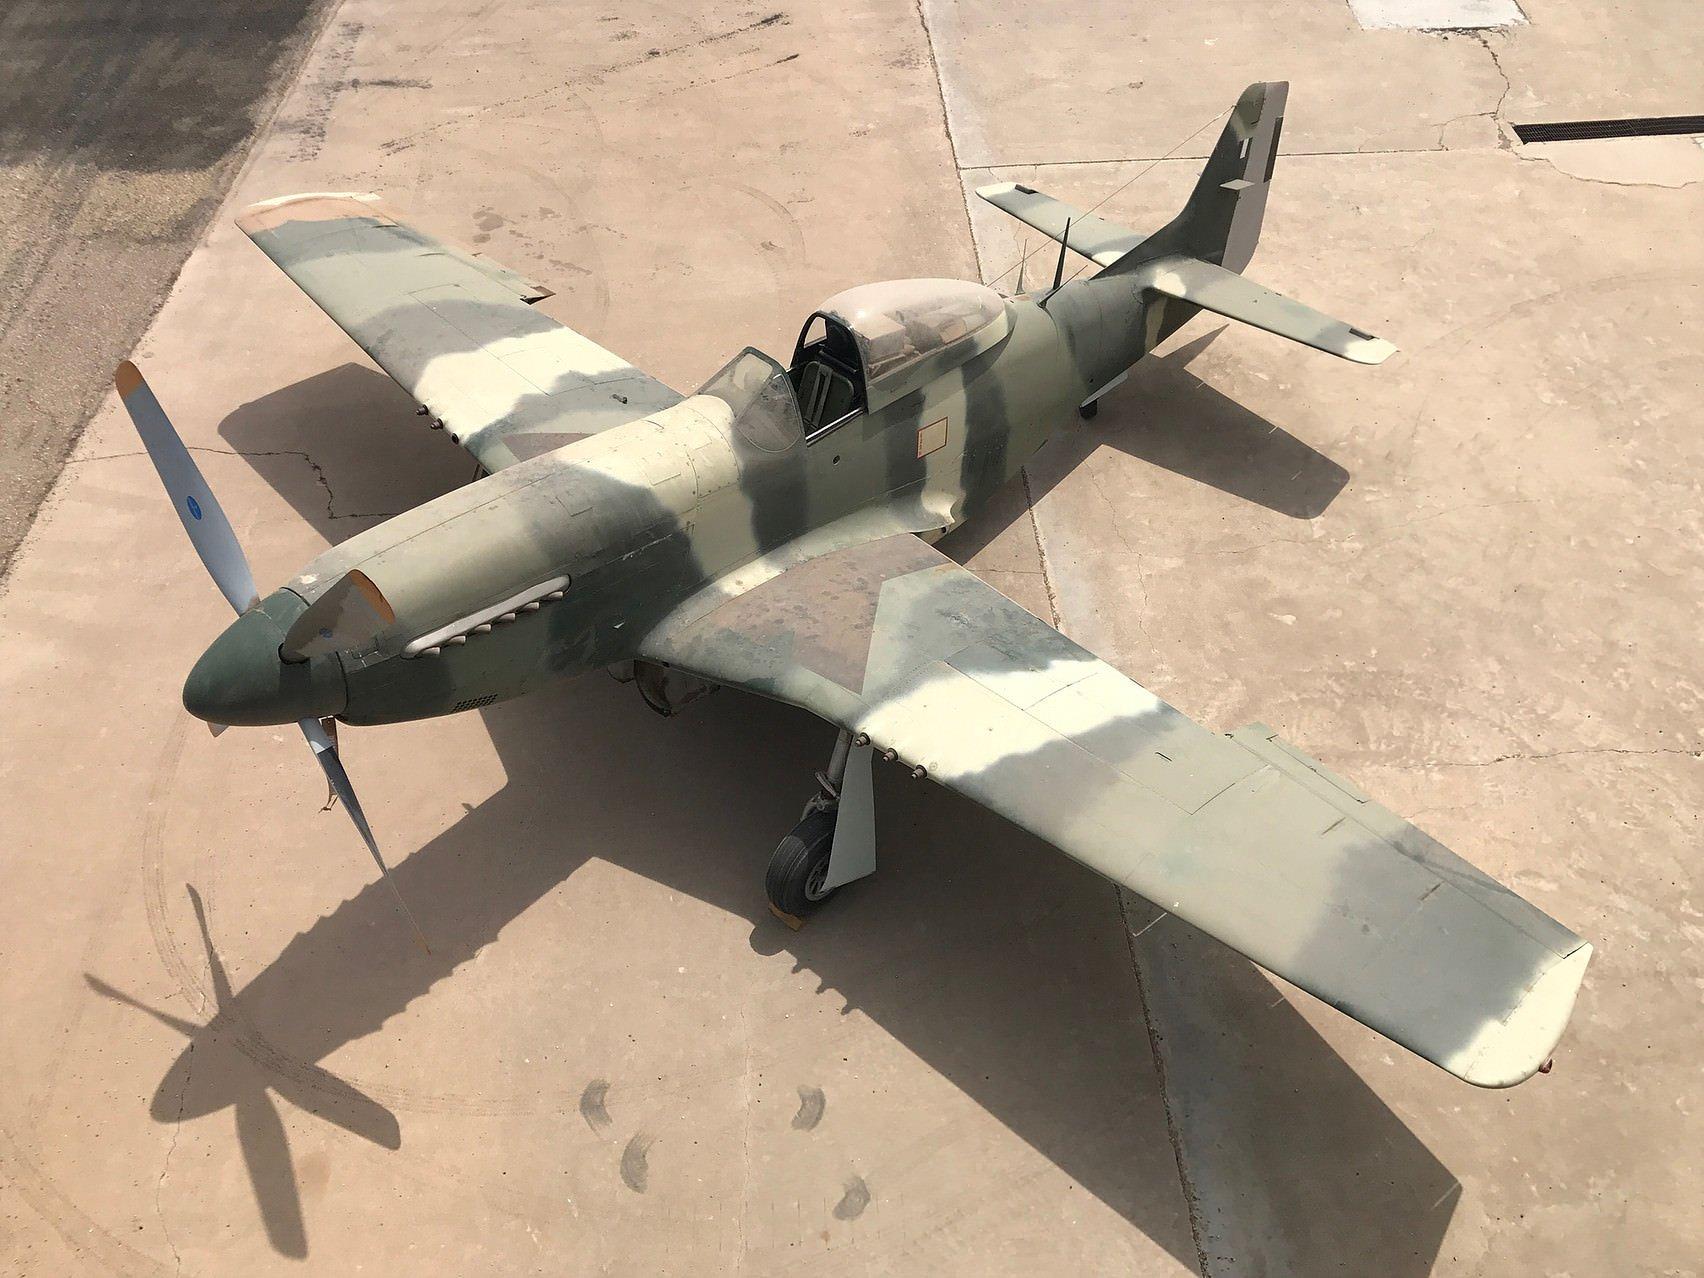 Unrestored P-51D Mustang